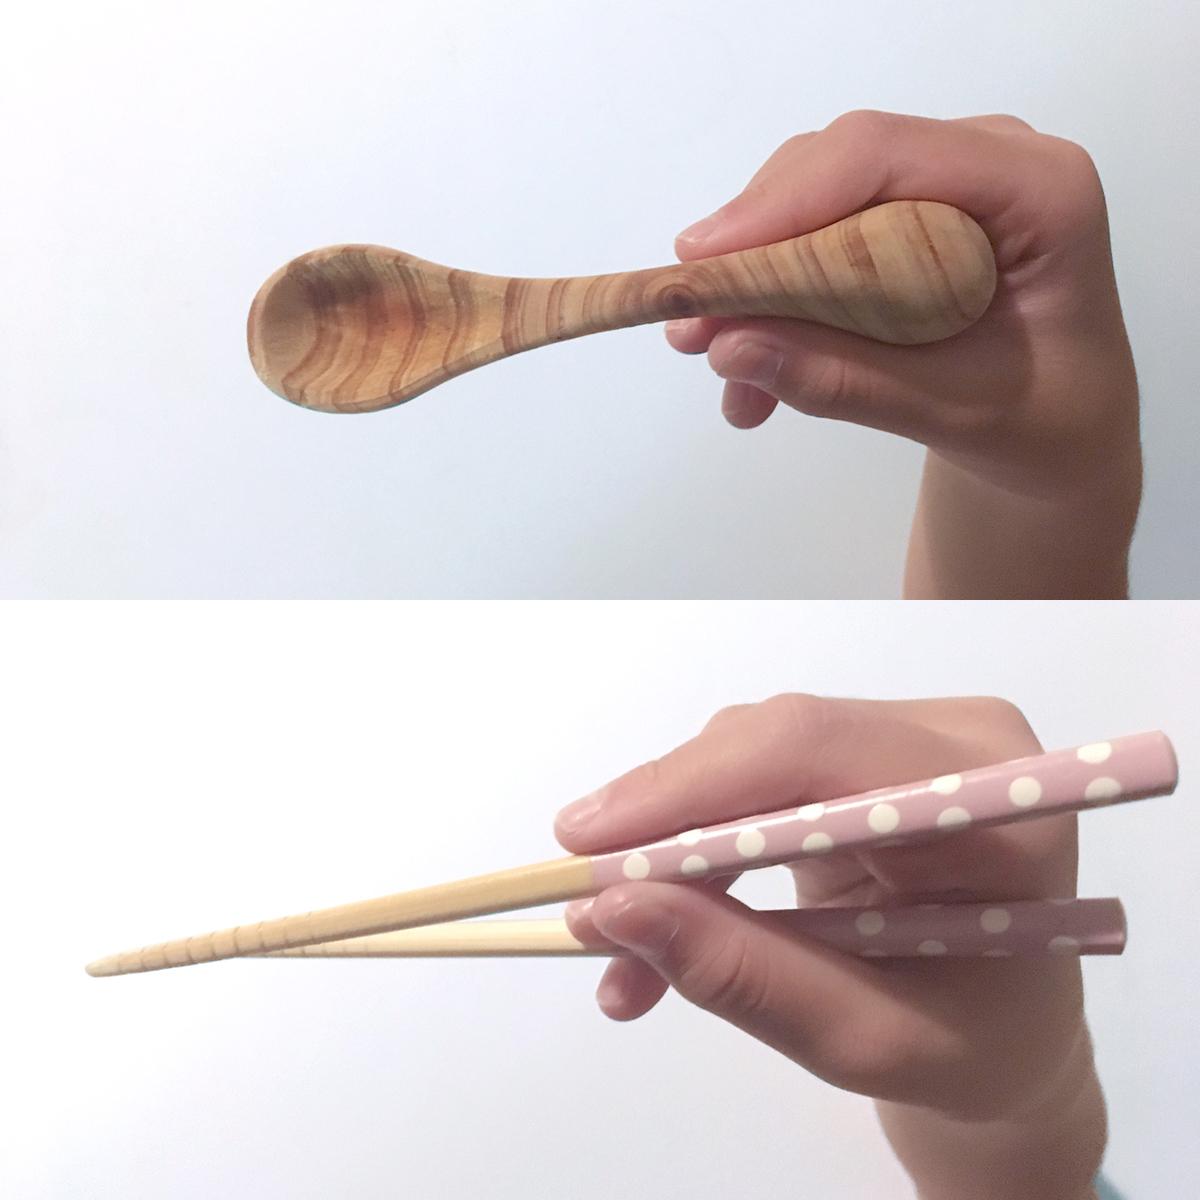 """ゾウさんが教えてくれる「箸の持ち方」 《2~6歳向け》食べるたびに自然と「箸の持ち方」を練習できる""""ゾウさん""""の木製スプーン Elephant Spoon For Kids"""